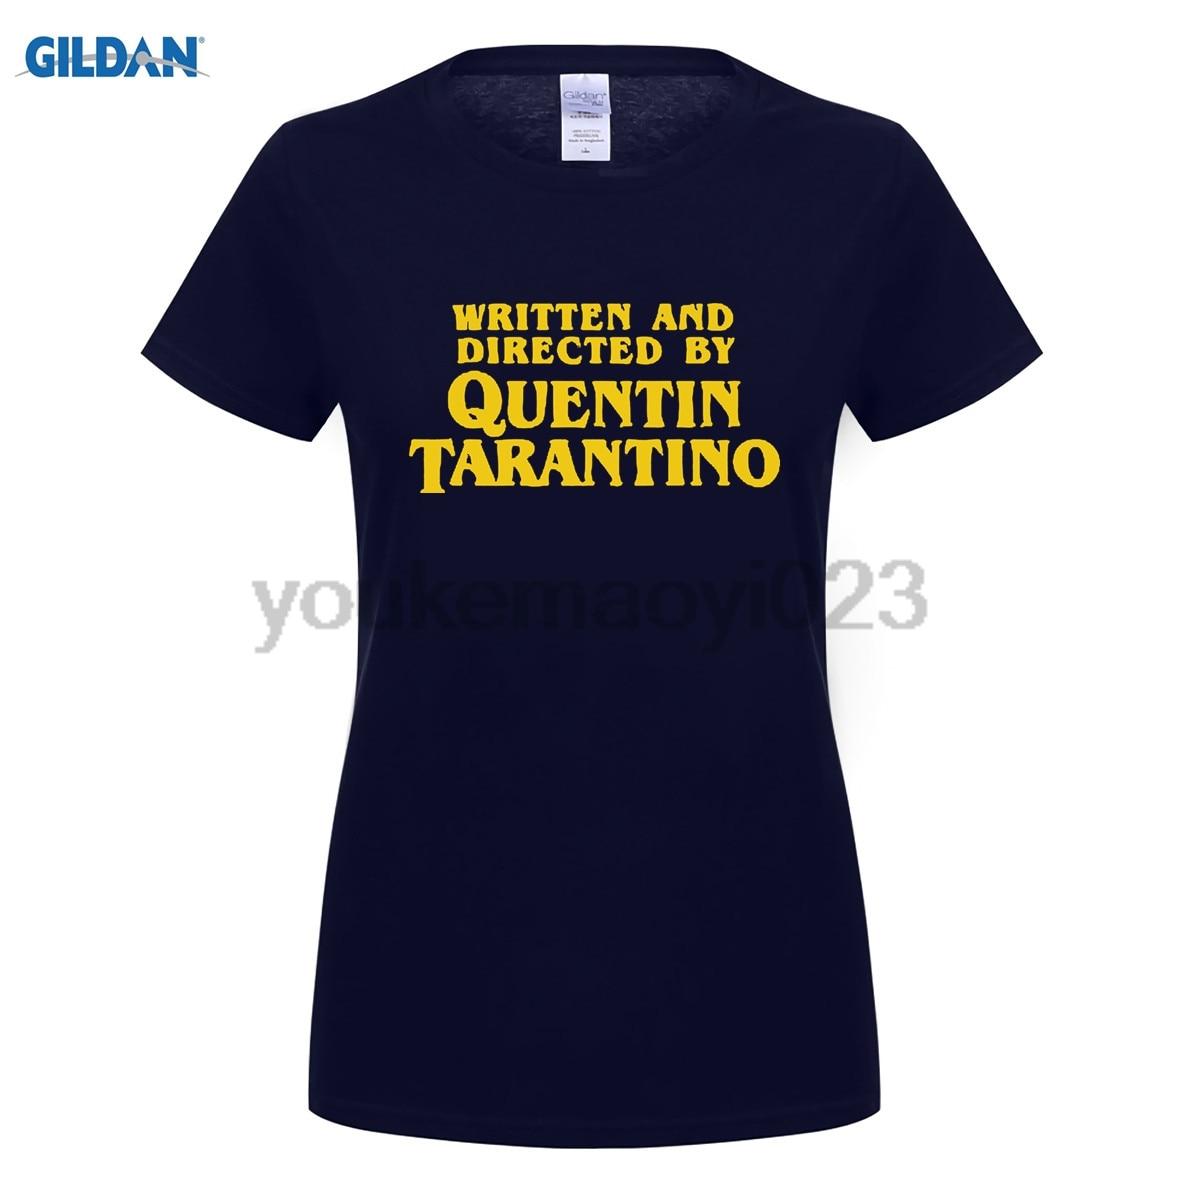 escrito-e-dirigido-por-quentin-font-b-tarantino-b-font-amarelo-variante-camisa-de-t-para-mulheres